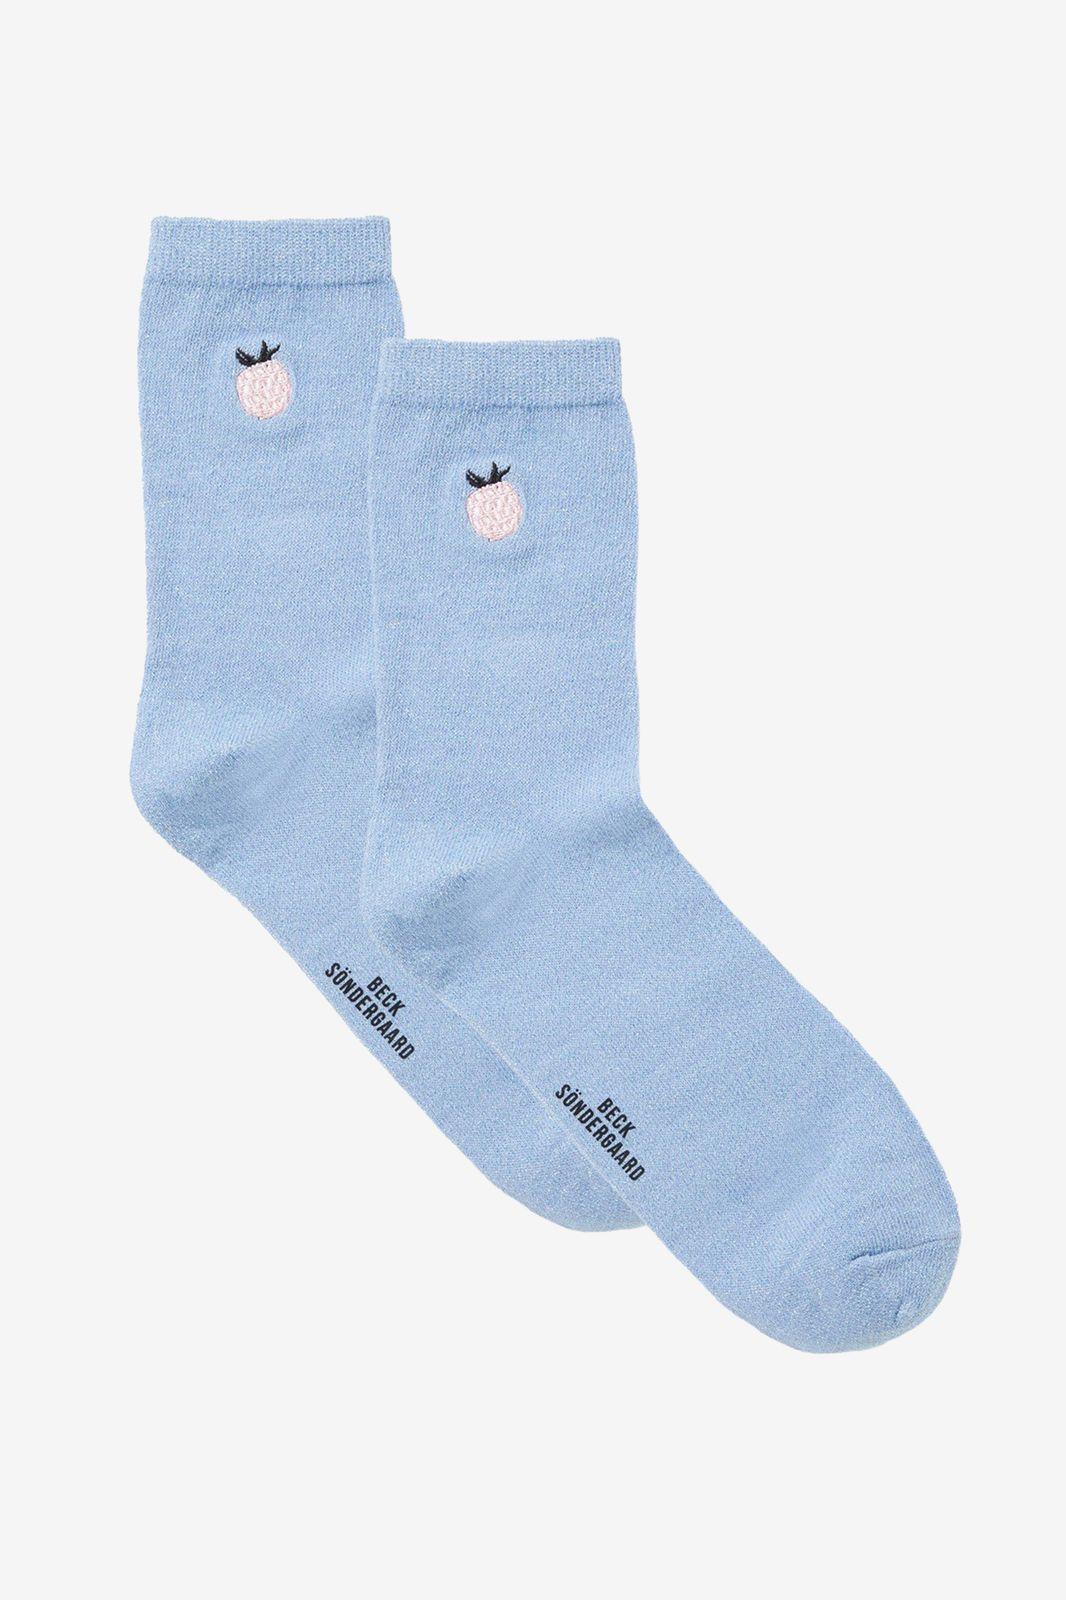 Becksondergaard lichtblauwe frutie glam socks